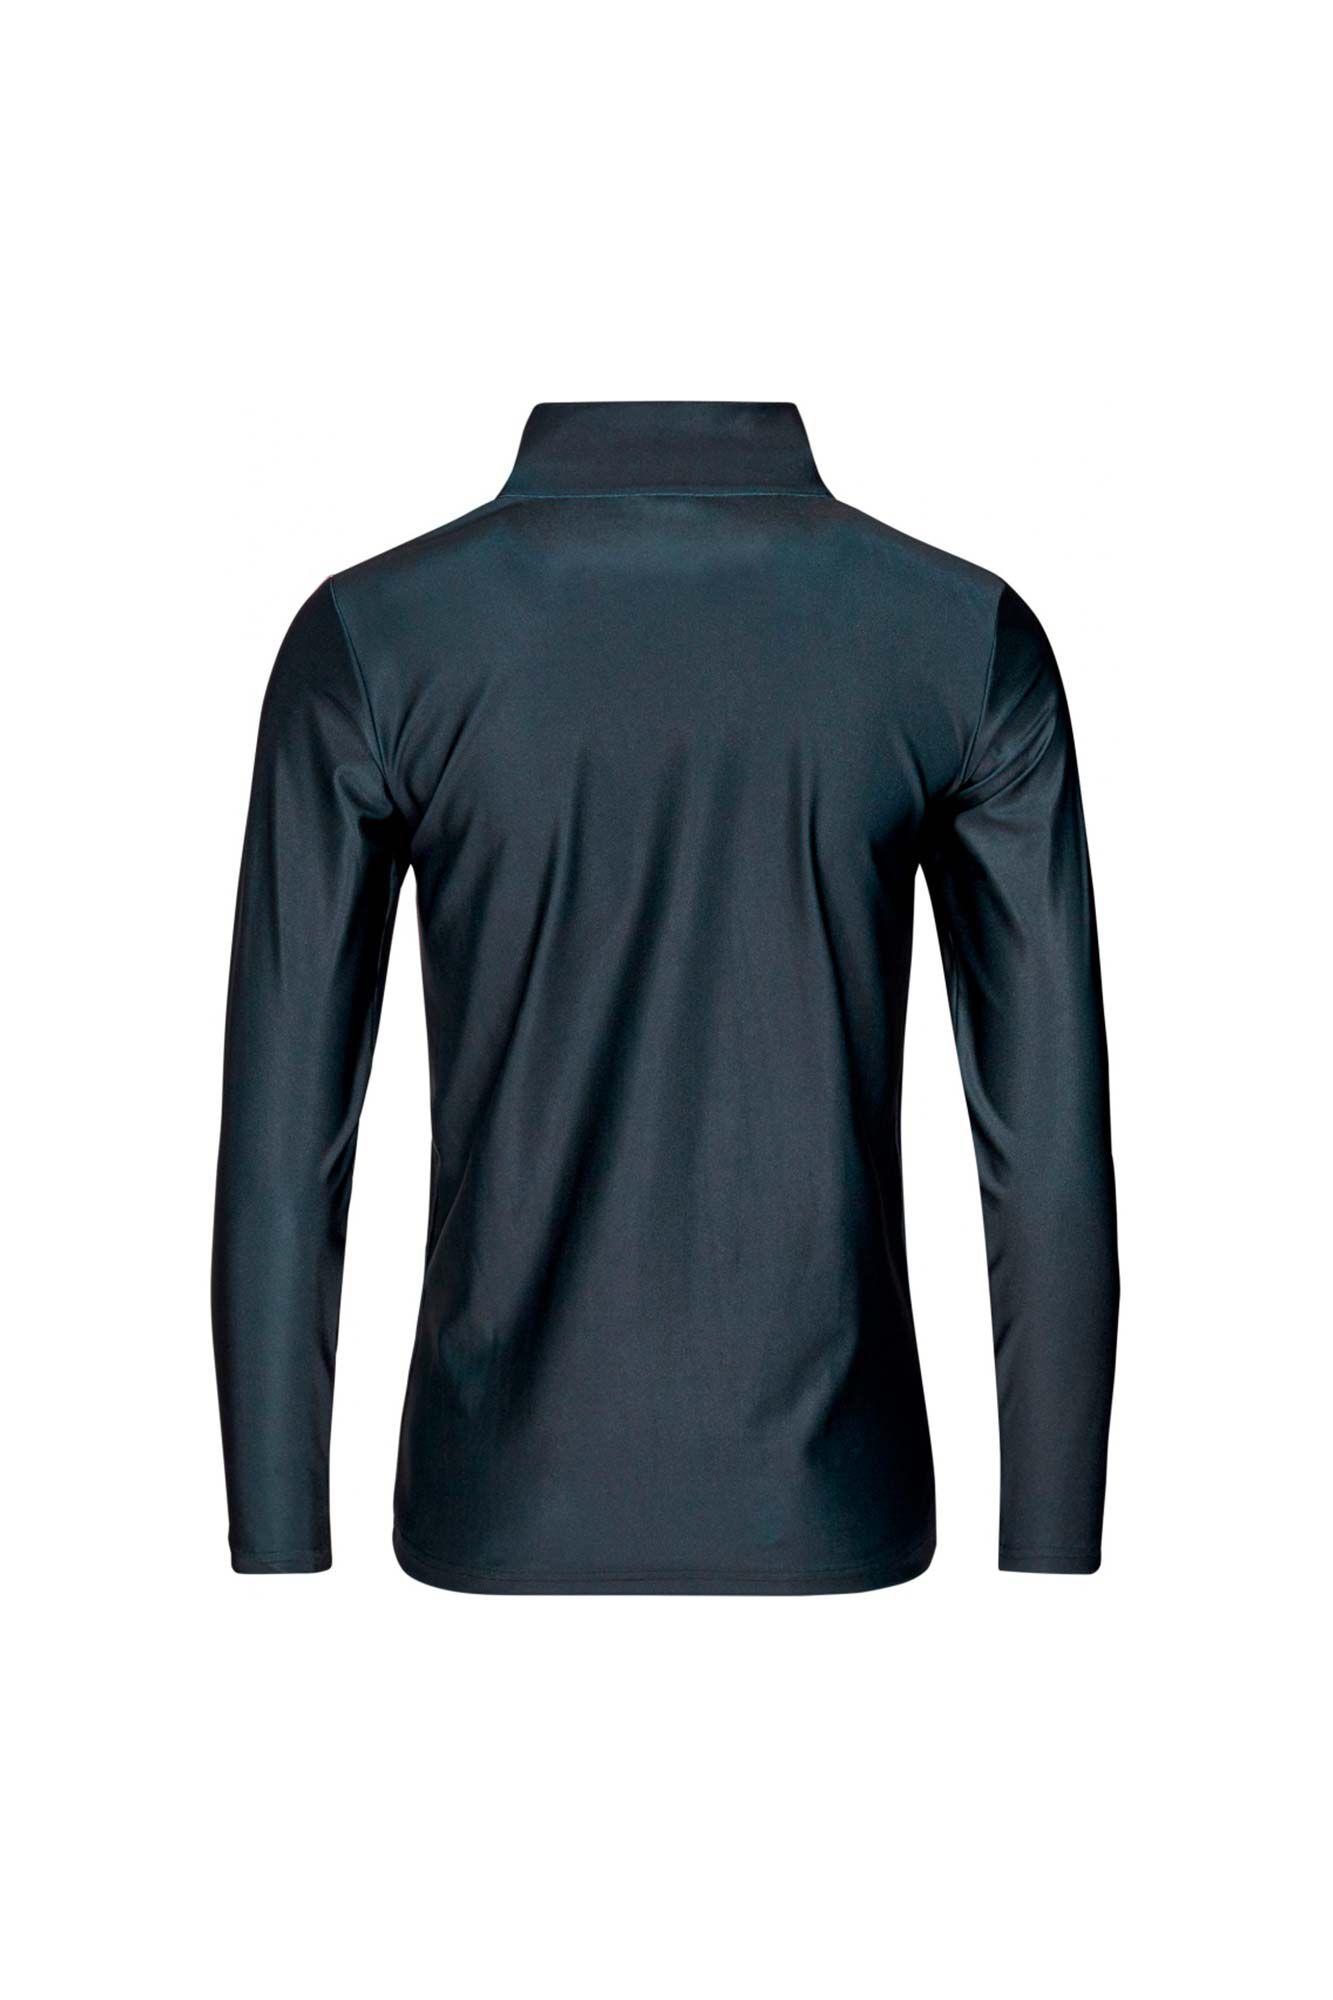 Tour de shirt FA900031, BLACK